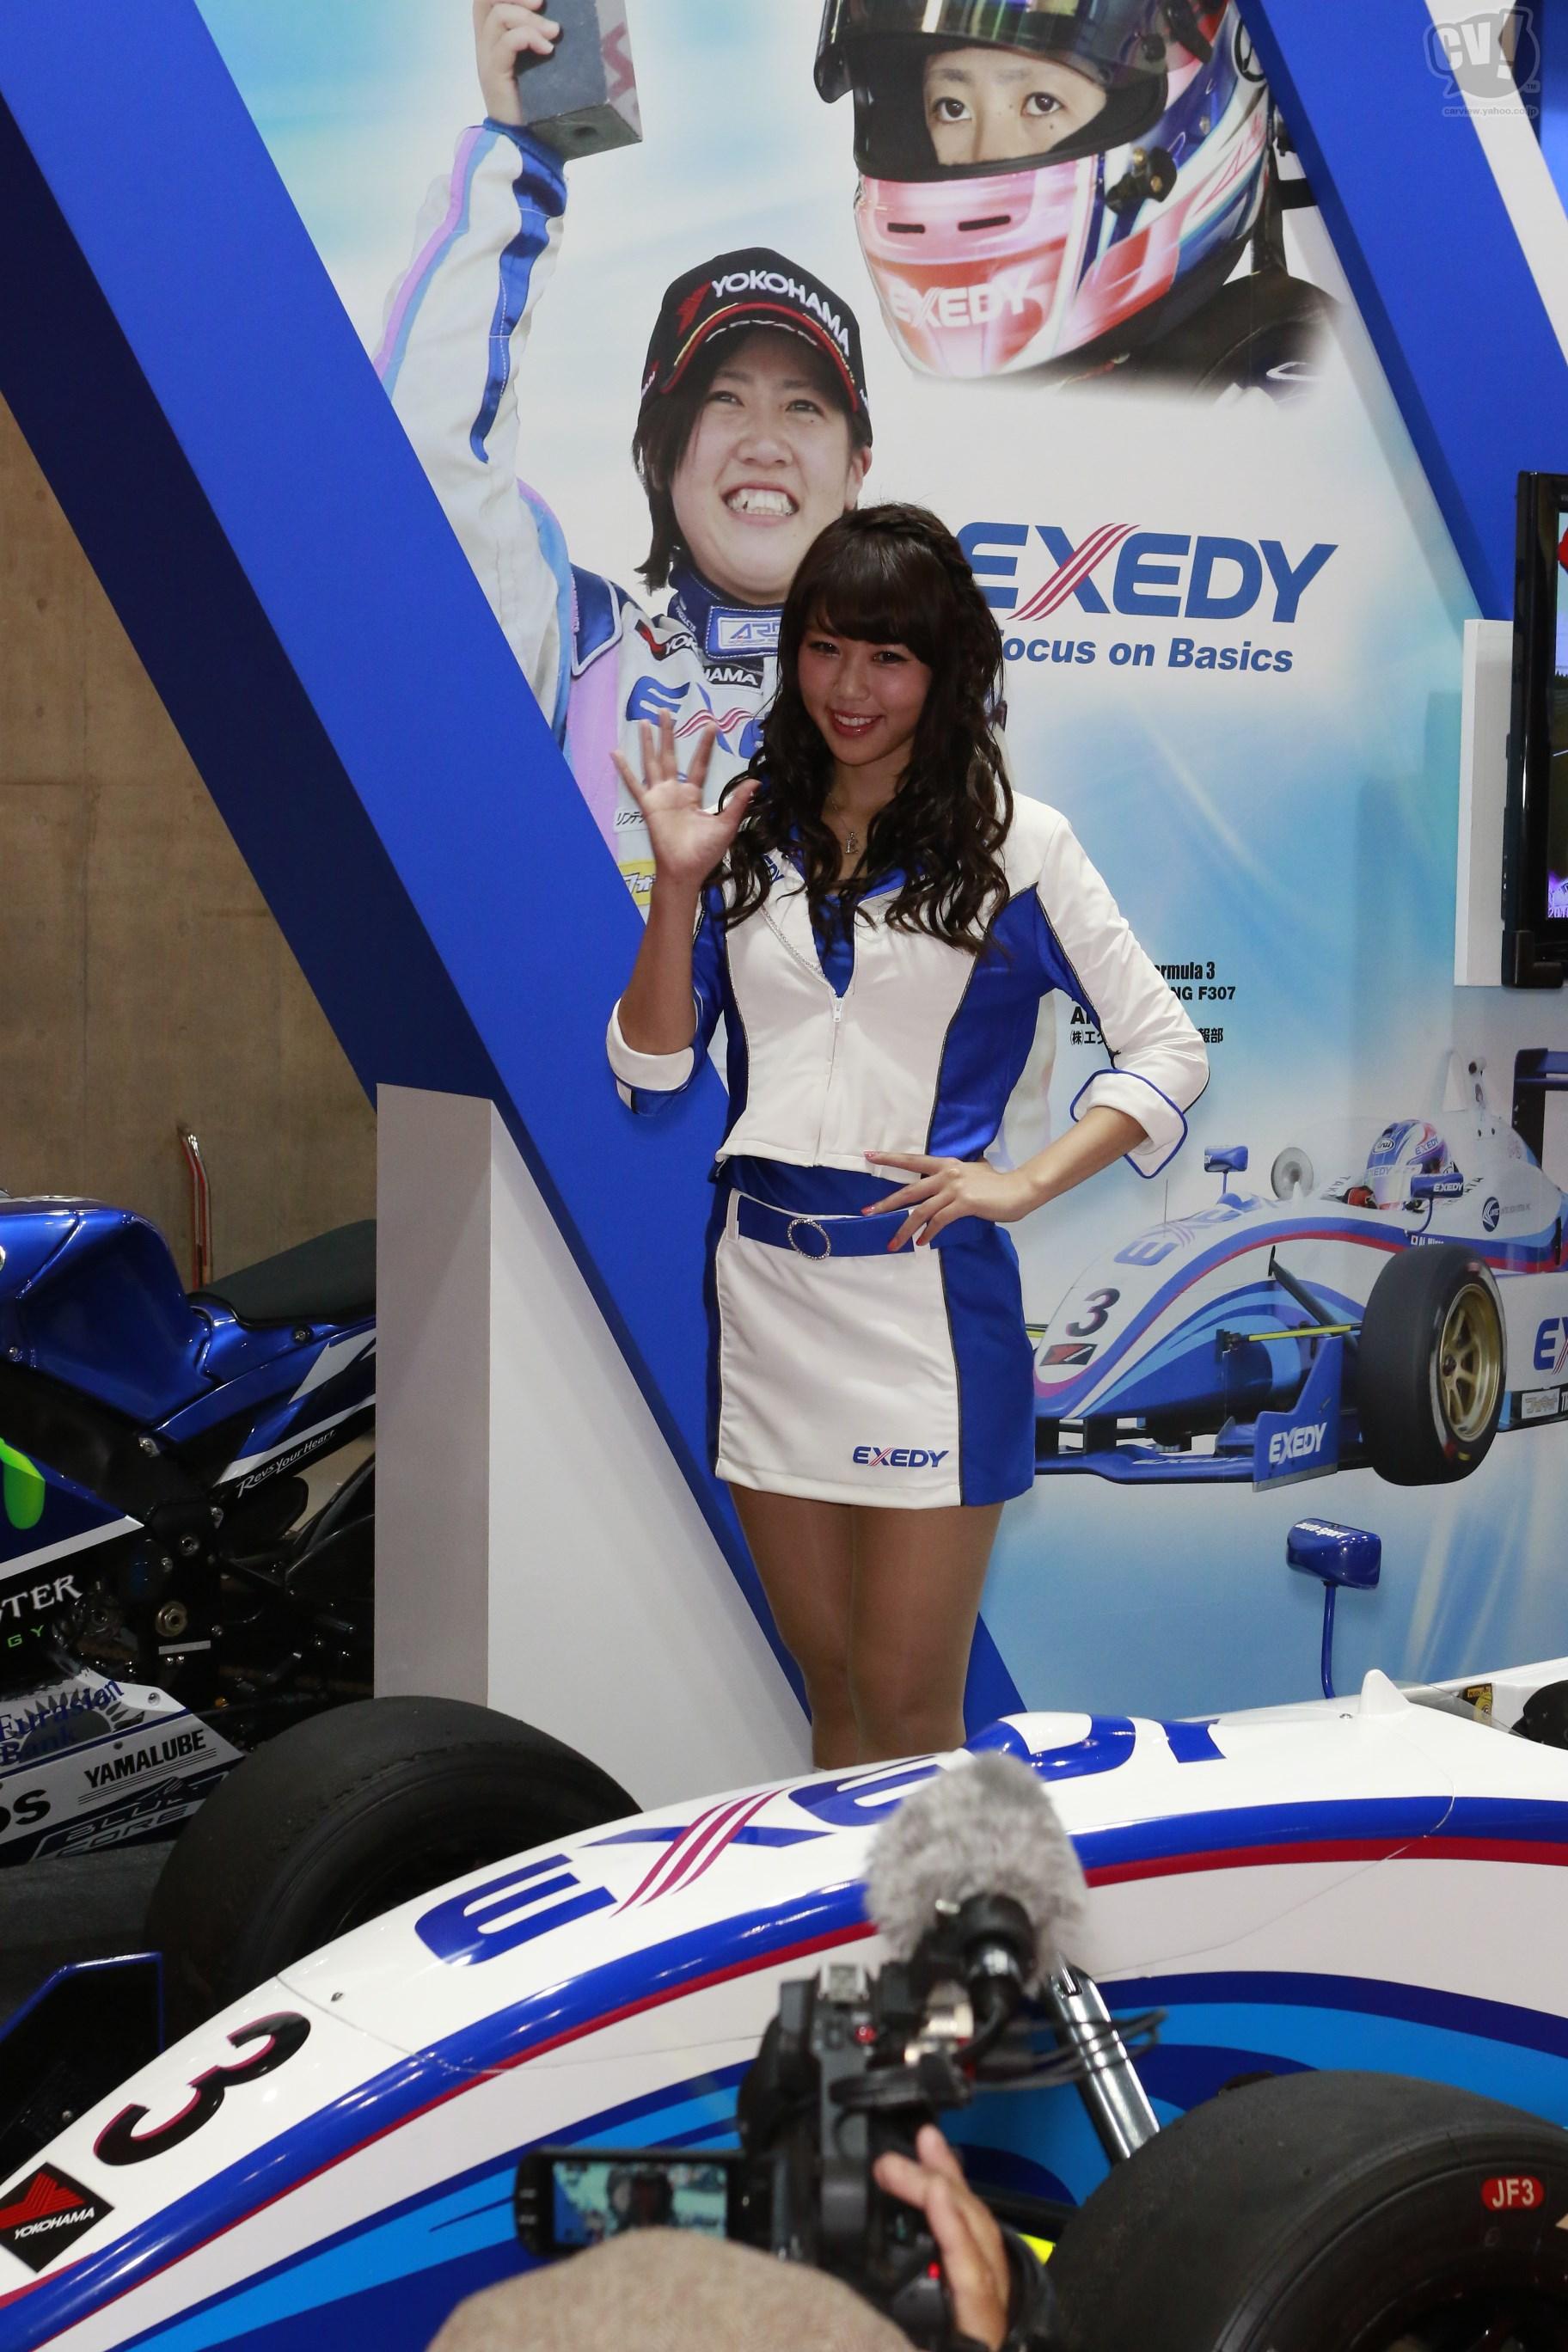 エクセディ Vol.2(滝川メグさん) - 東京モーターショー2015 - carview! - 自動車